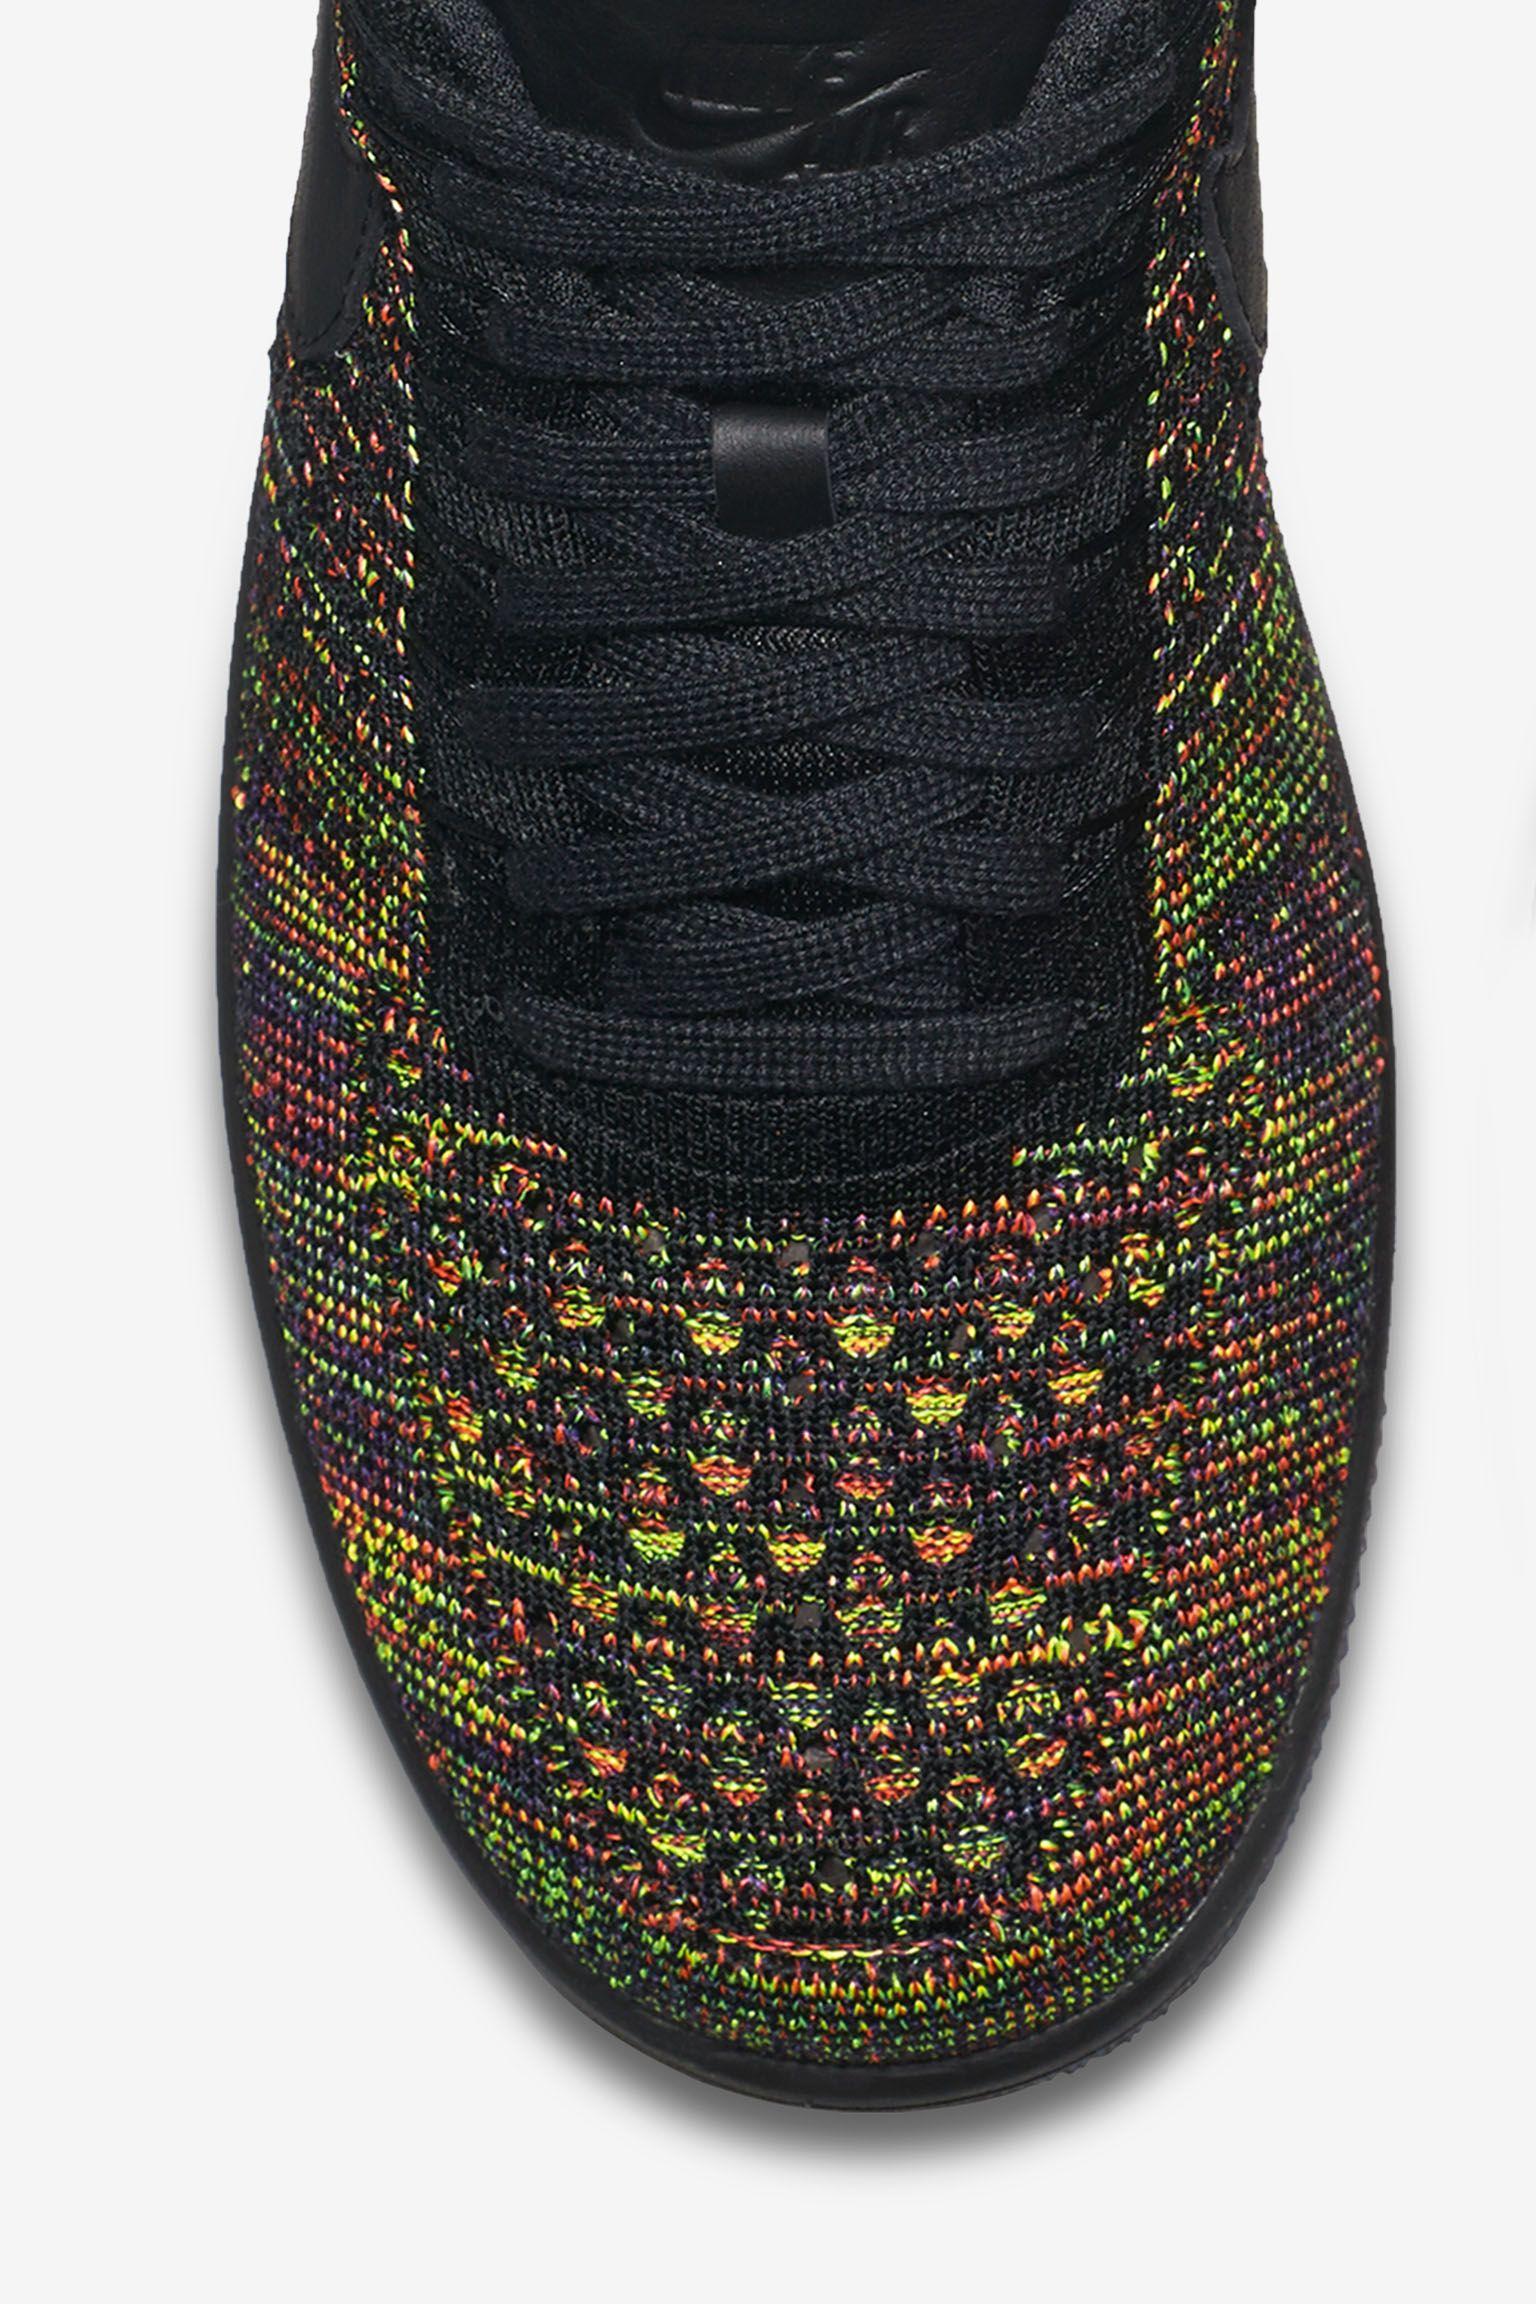 Women's Nike Air Force 1 Ultra Flyknit Low 'Multi-Color' Release Date